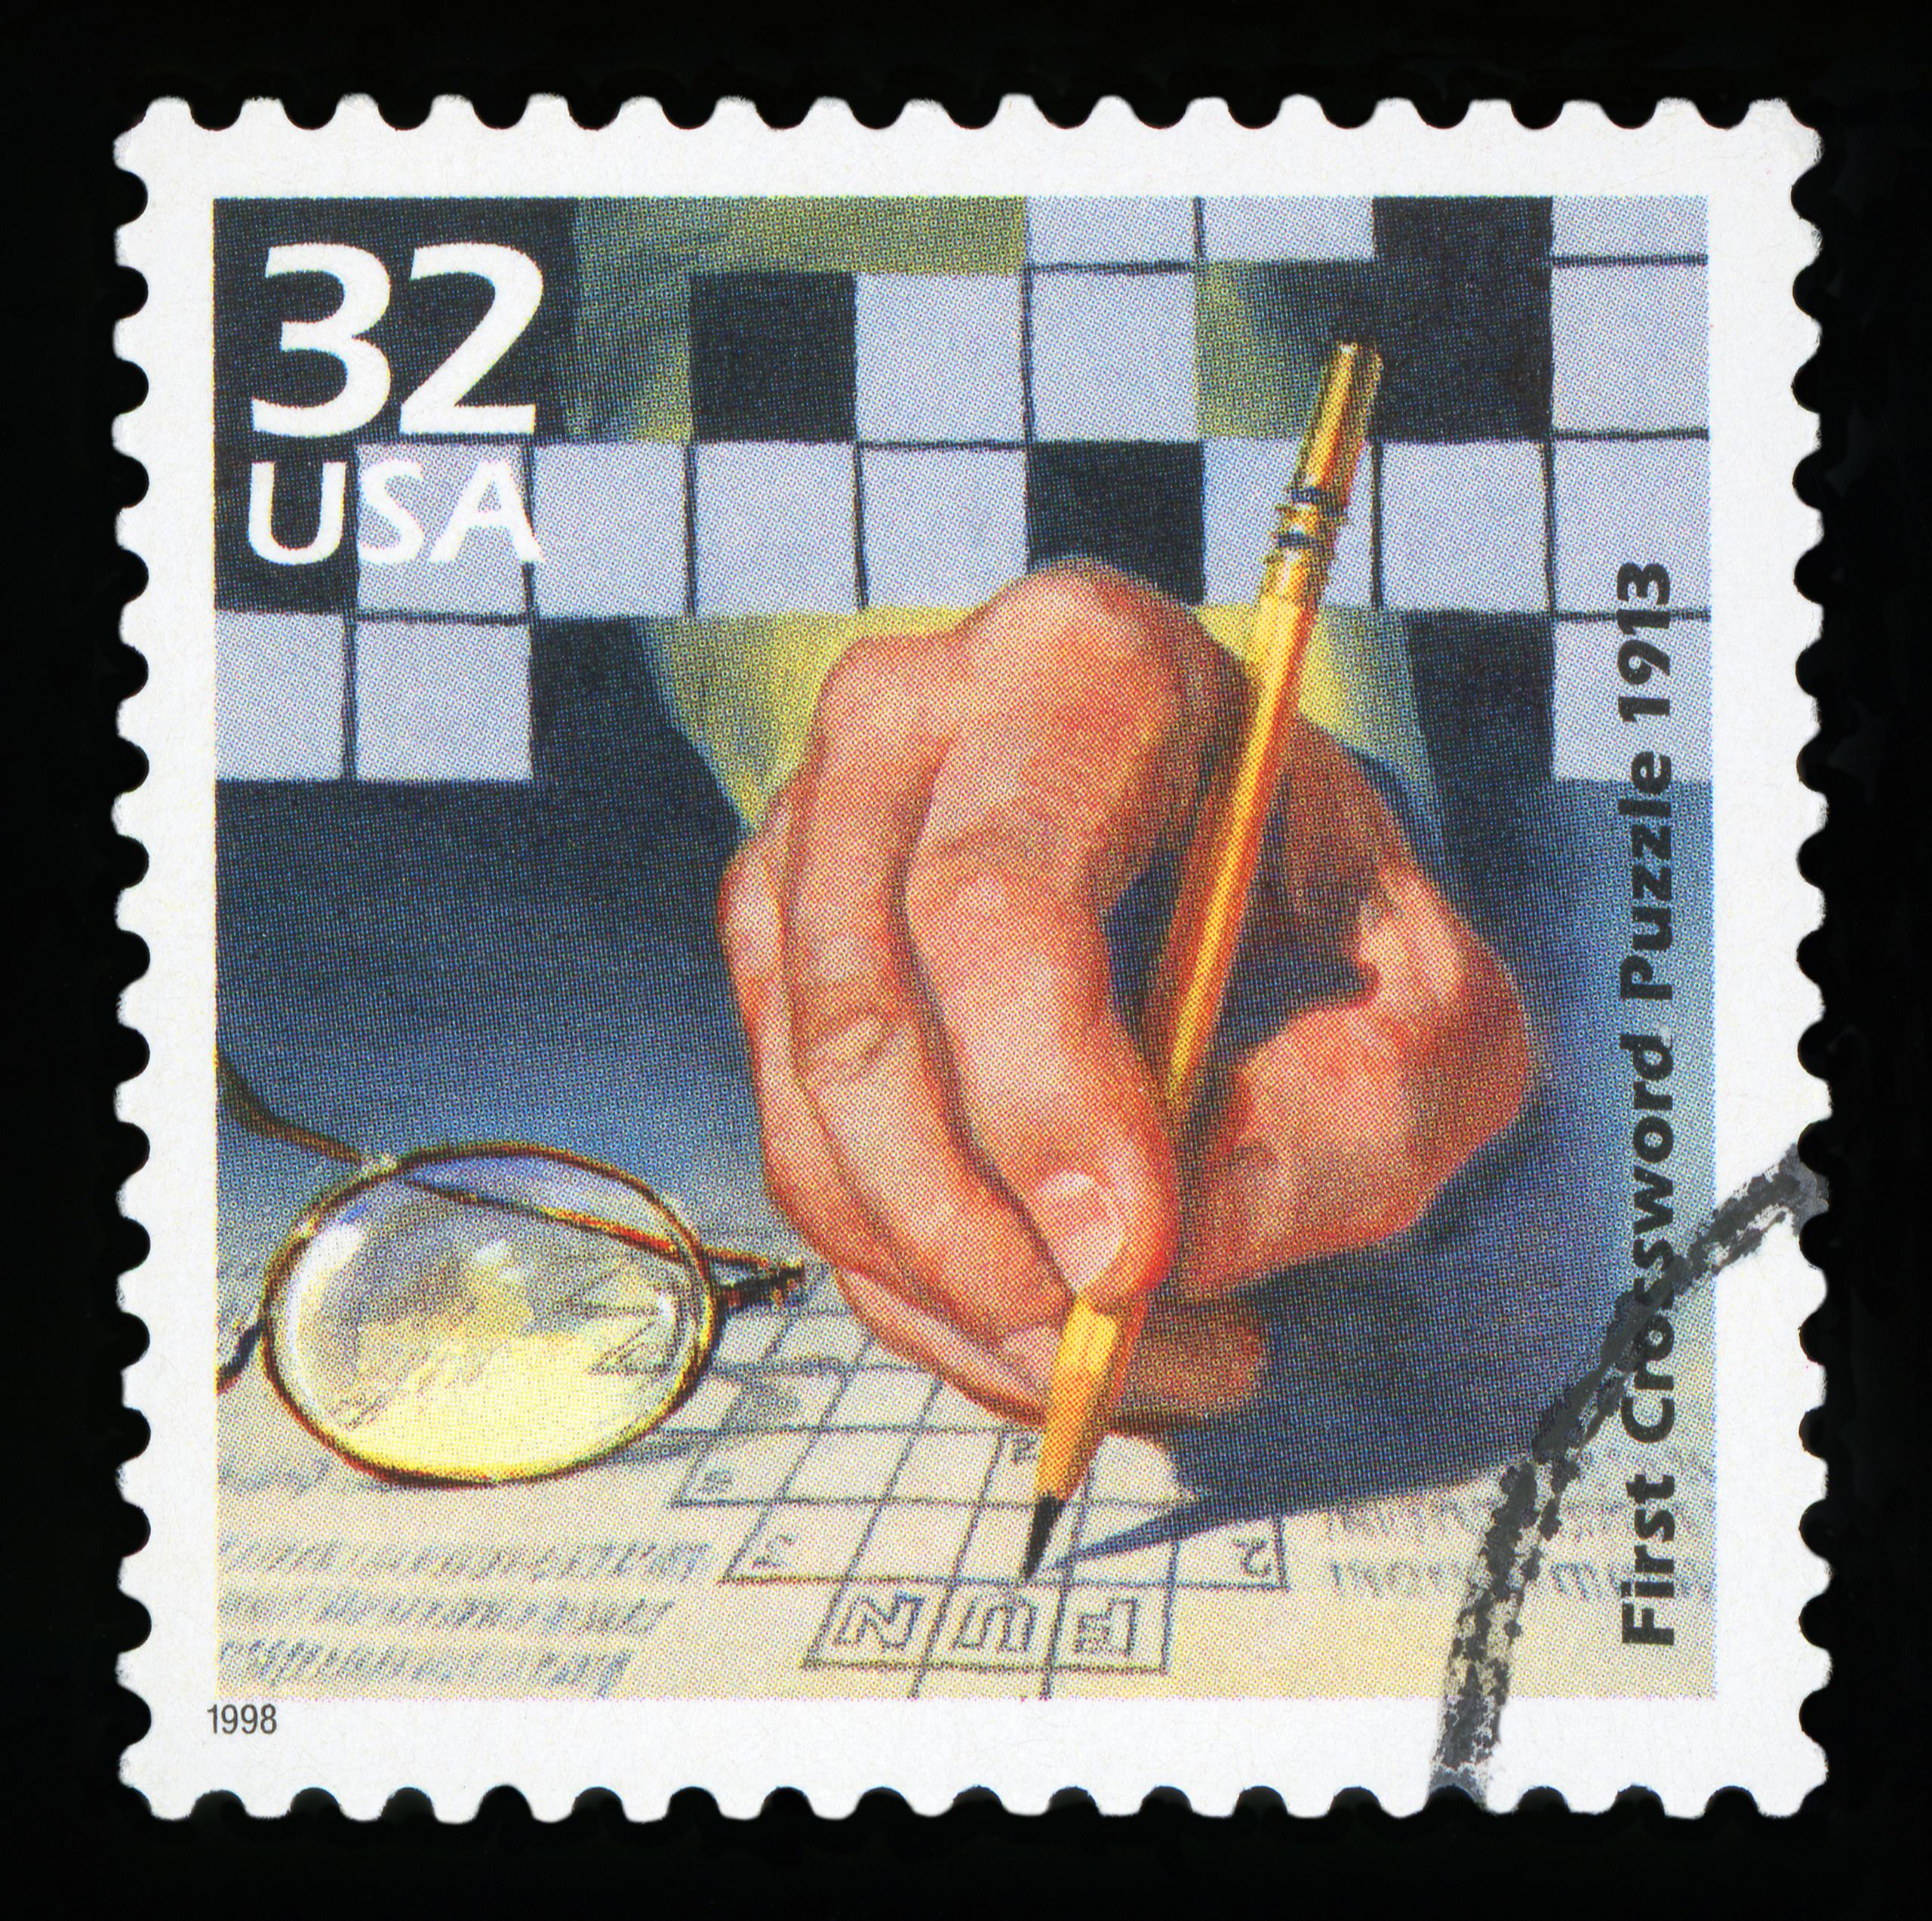 Erstes Kreuzworträtsel - © MMphotos - stock.adobe.com